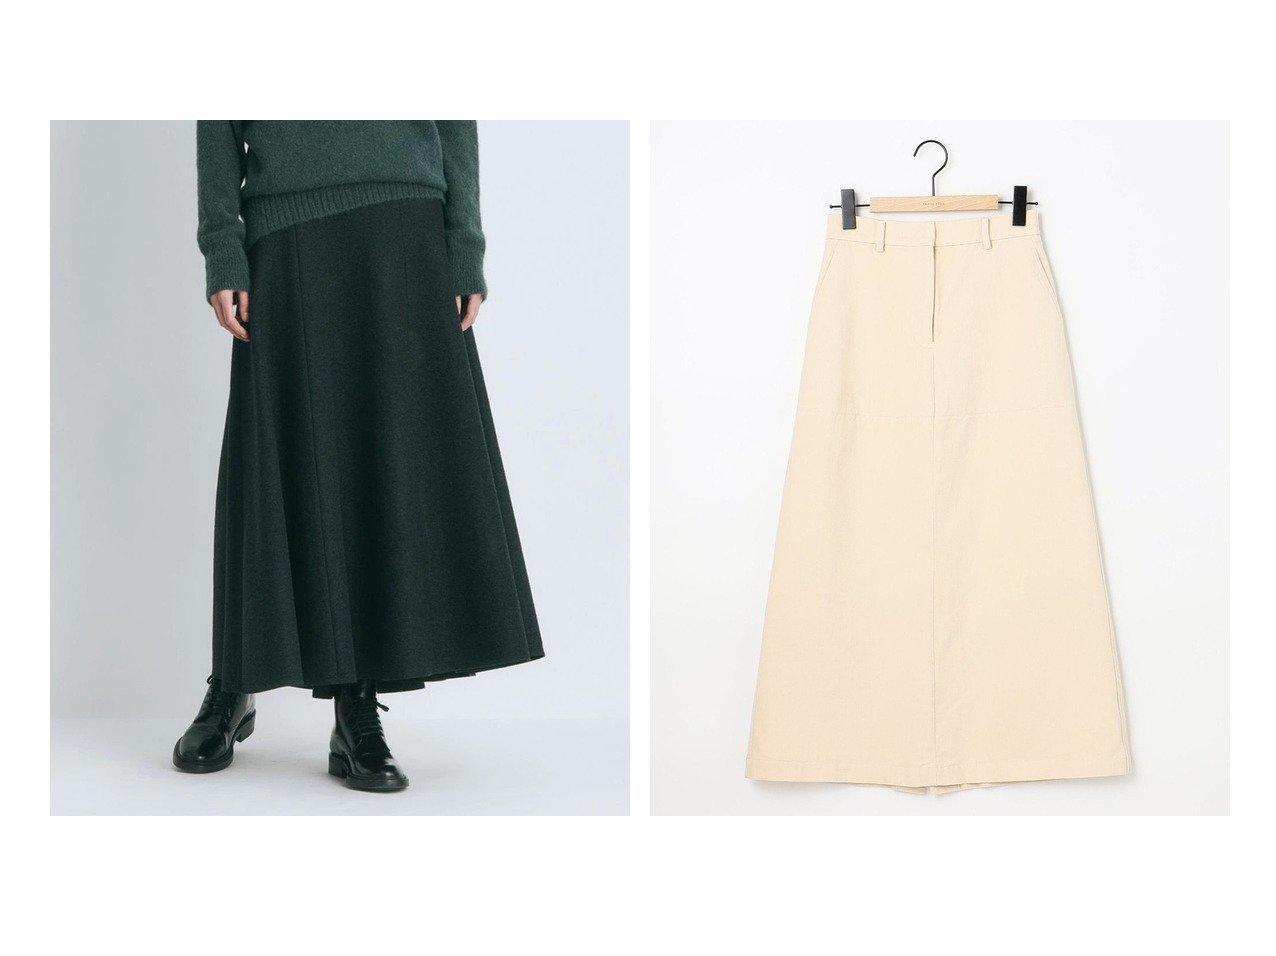 【ATON/エイトン】のSUPER 140 S BOUMOU MELTON フレアスカート&【SHARE PARK/シェアパーク】の【洗える】モールスキンスカート 【スカート】おすすめ!人気、トレンド・レディースファッションの通販 おすすめで人気の流行・トレンド、ファッションの通販商品 インテリア・家具・メンズファッション・キッズファッション・レディースファッション・服の通販 founy(ファニー) https://founy.com/ ファッション Fashion レディースファッション WOMEN スカート Skirt Aライン/フレアスカート Flared A-Line Skirts 送料無料 Free Shipping カシミヤ ジャージ フレア メルトン ロング 切替 洗える |ID:crp329100000072547